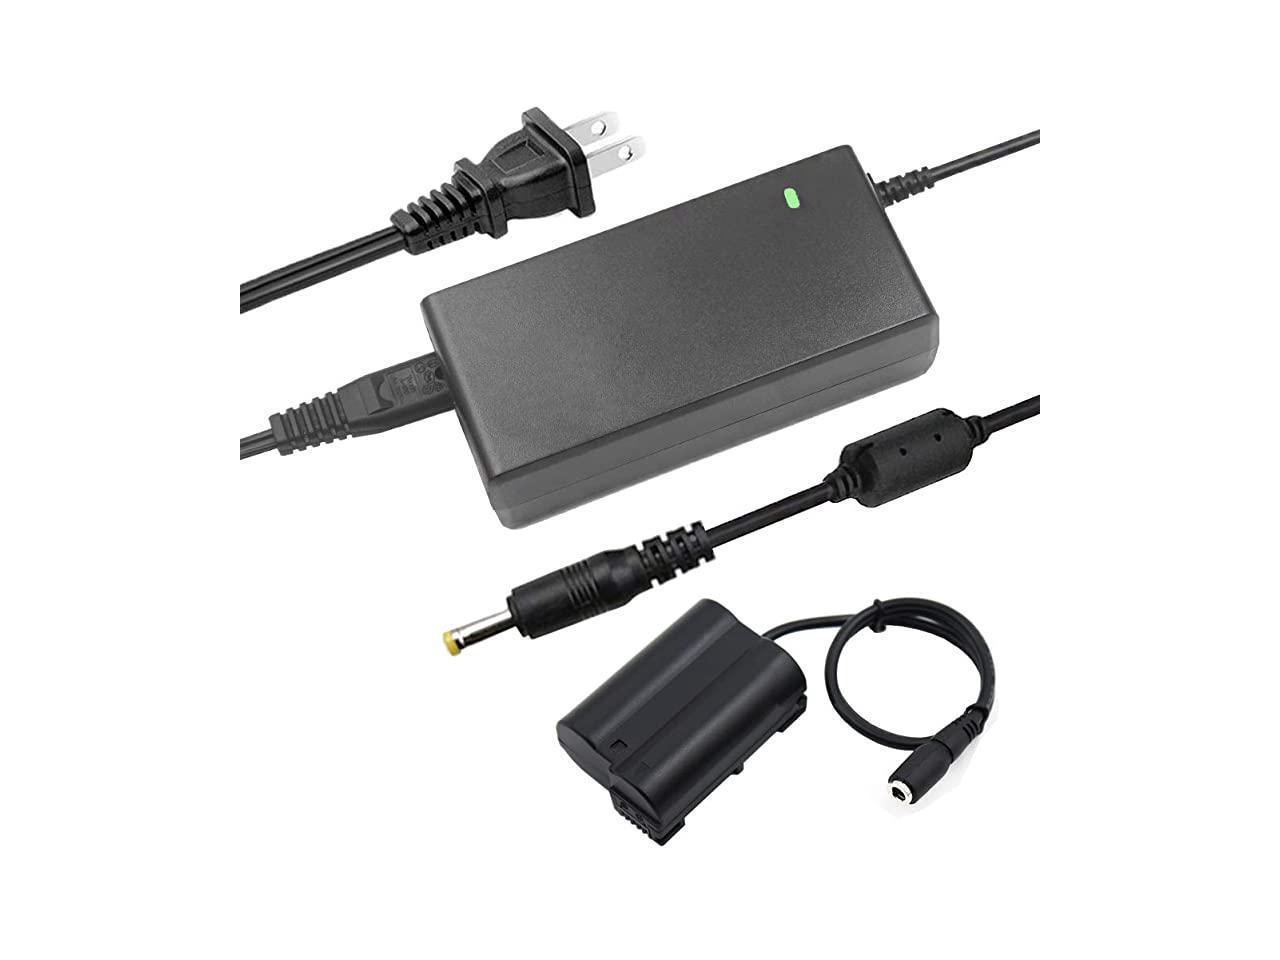 EH-5 Mains /& D-TAP to EP-5B EN-EL15 Battery Coupler Cable for Nikon D750 DSLR